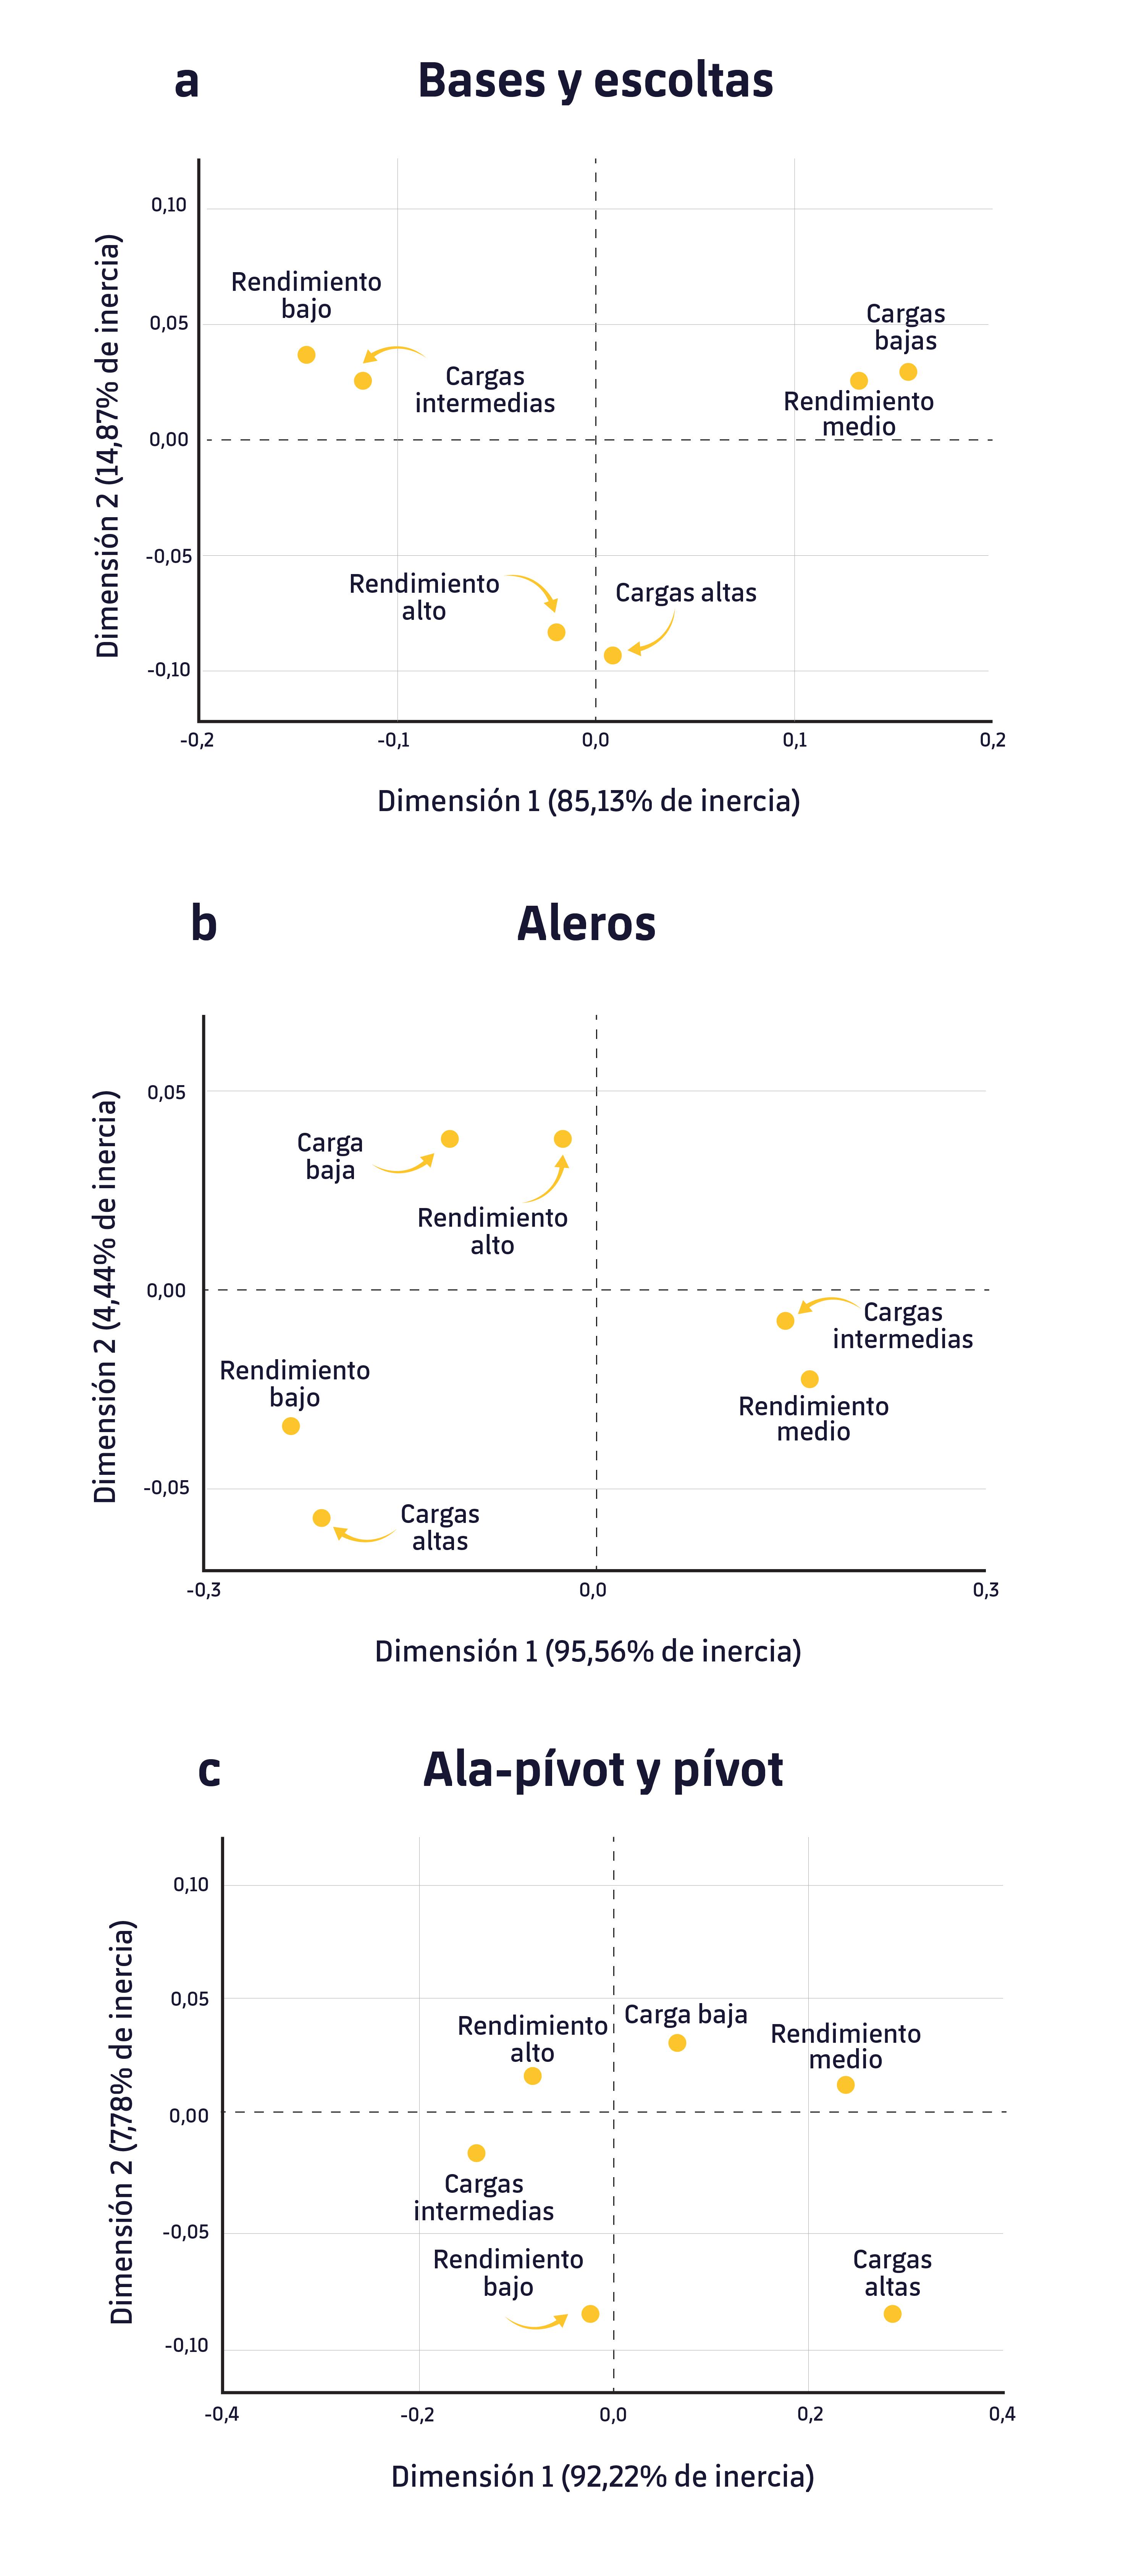 Figura 1. Análisis de correspondencia entre la carga del entrenamiento y el rendimiento por posiciones.1